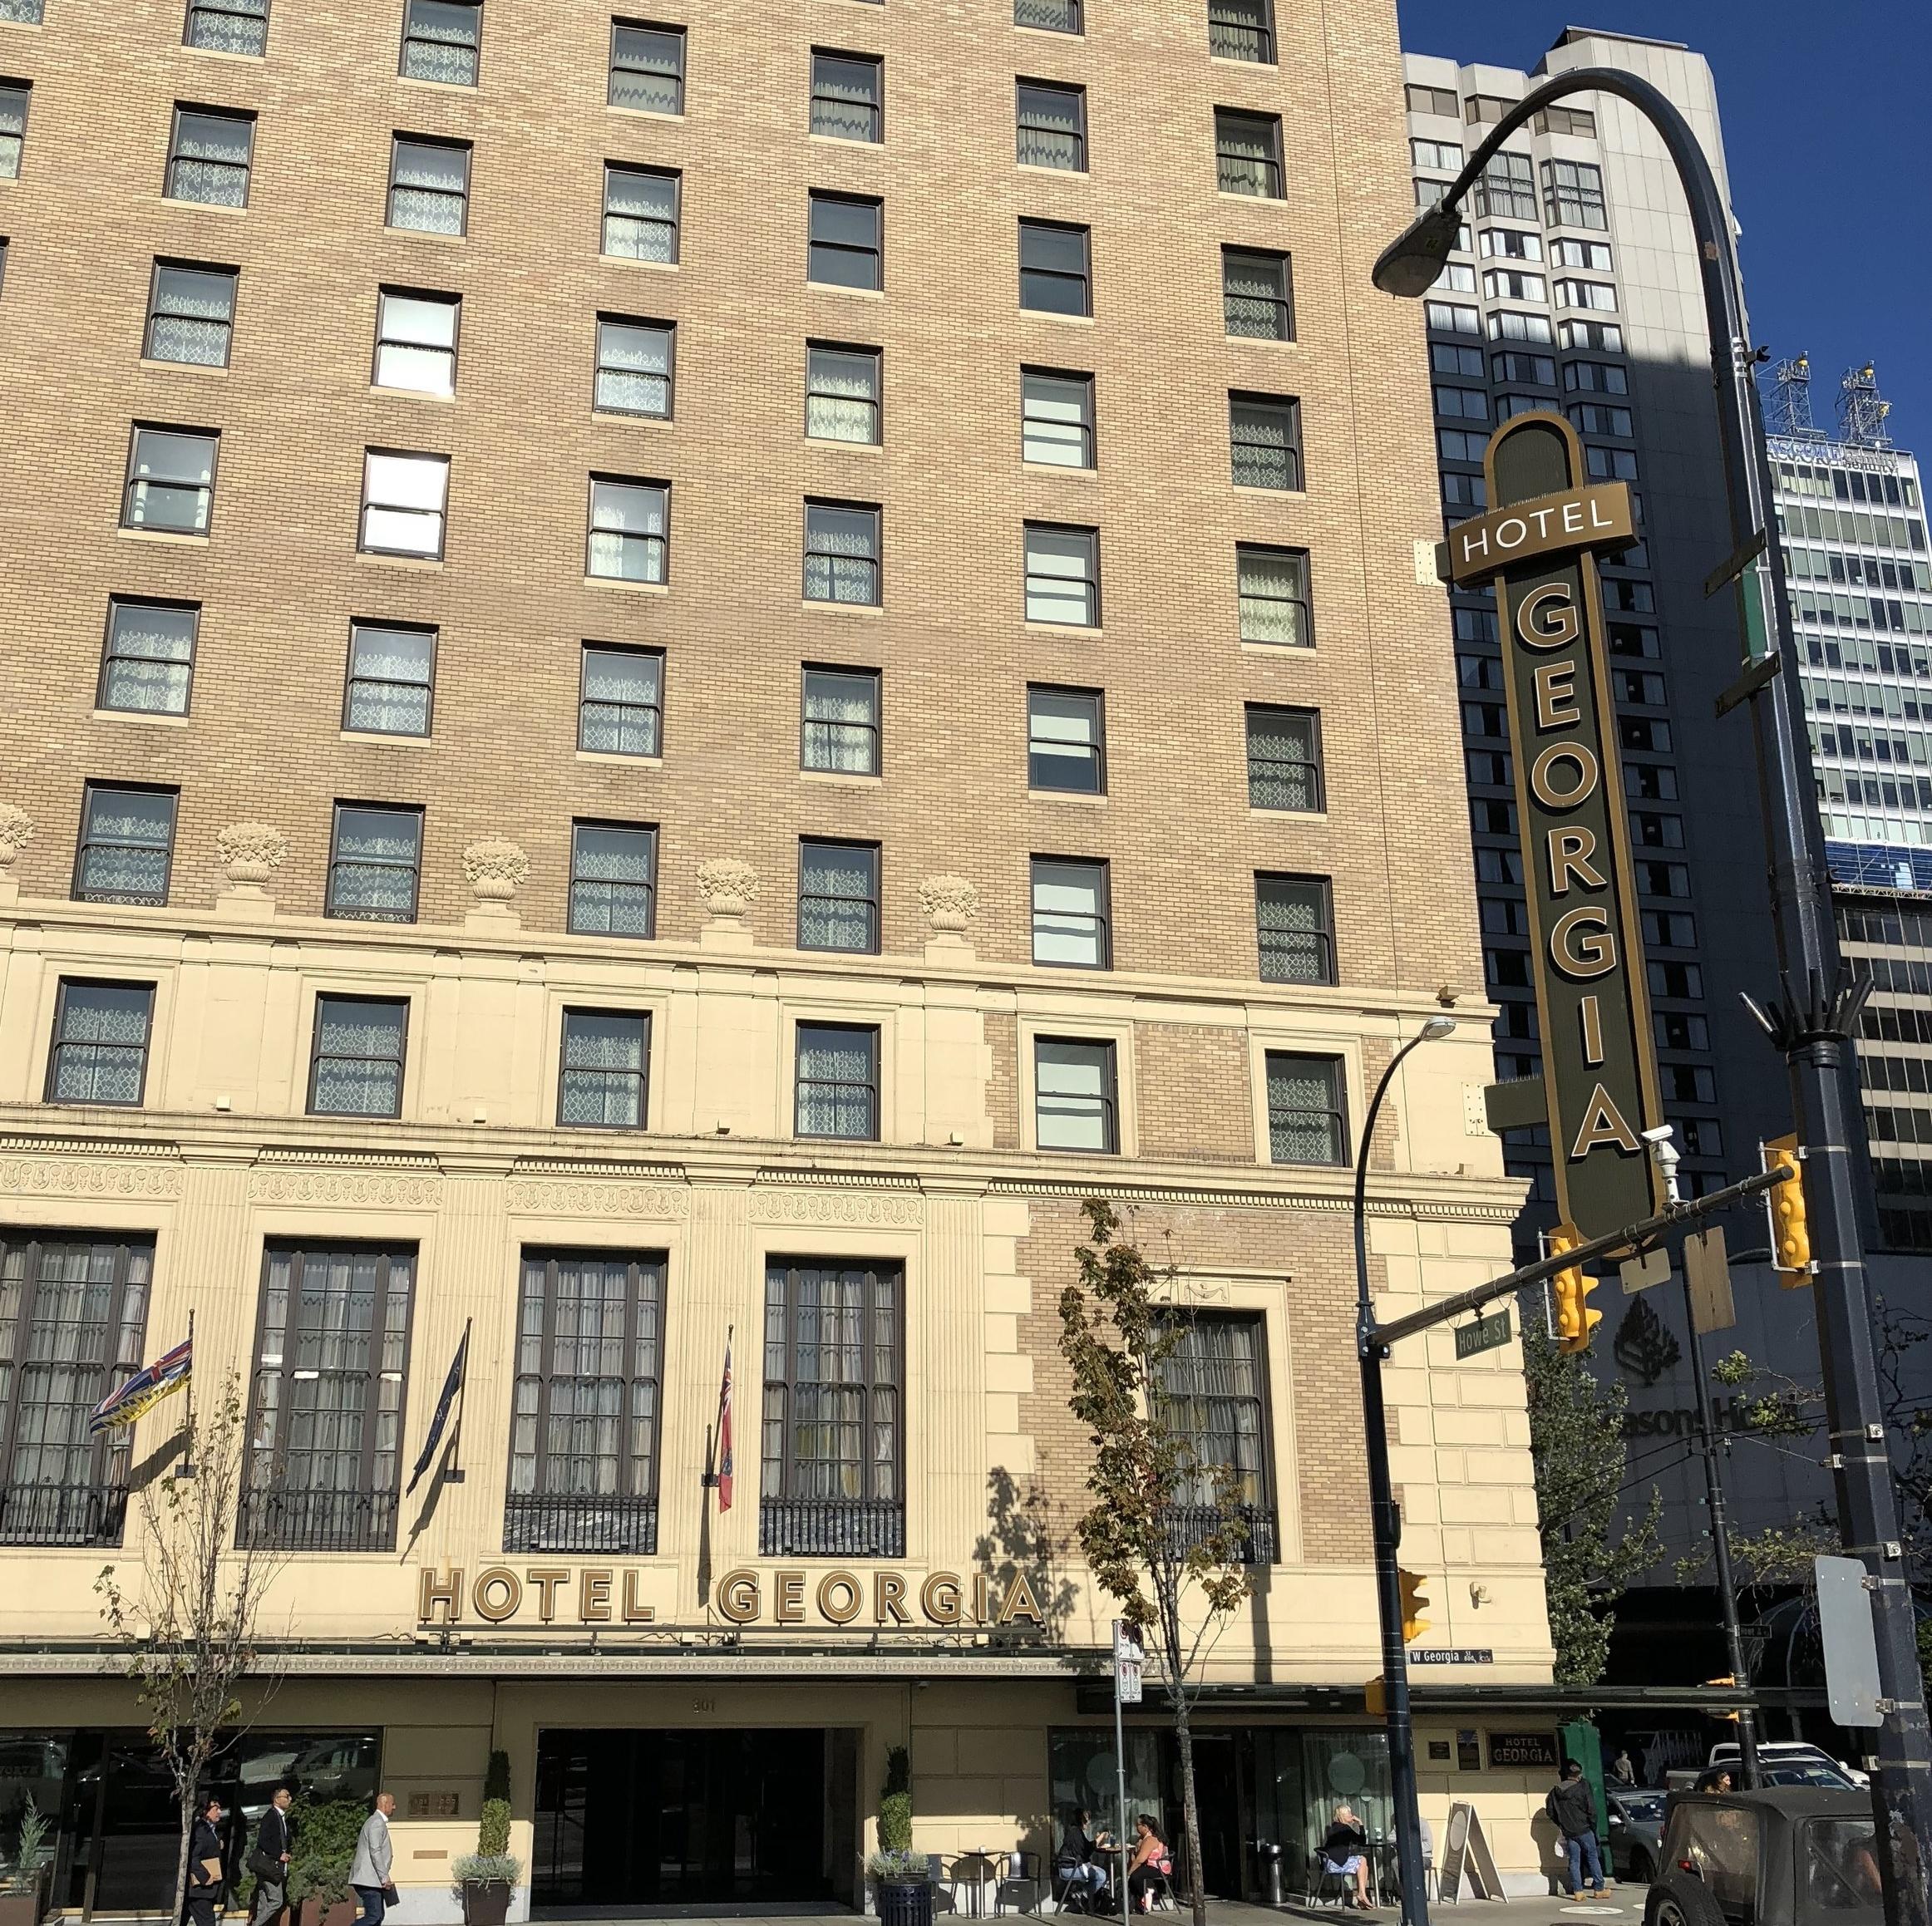 Listening Location:  Northeast bench of šxʷƛ̓ənəq Xwtl'e7énḵ Square across from the Georgia Hotel  850 West Georgia Street